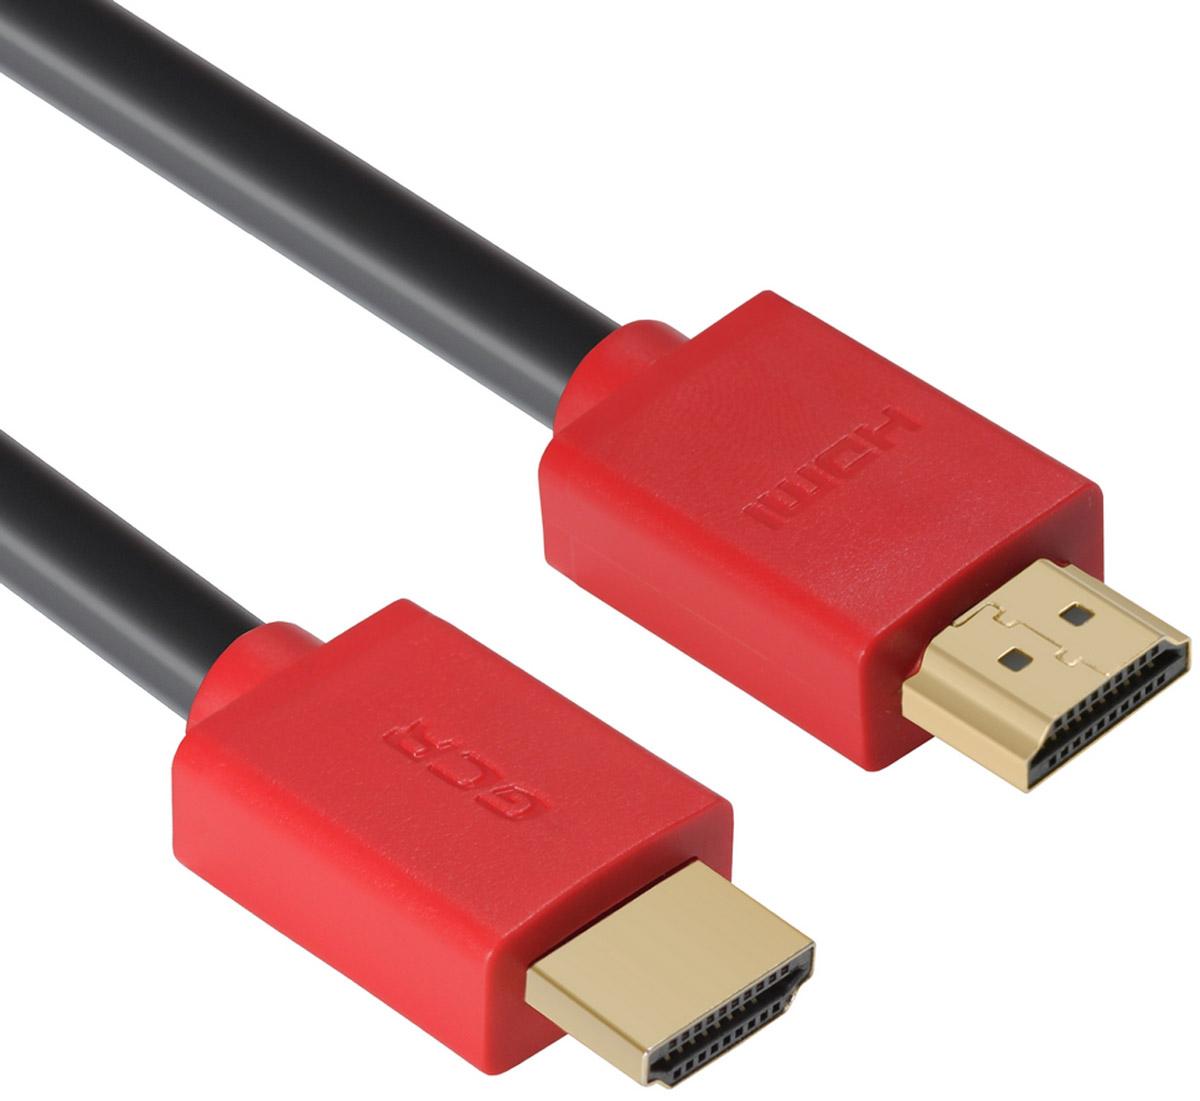 Greenconnect Russia GCR-HM451, Black Red кабель HDMI v 2.0 (0,3 м)GCR-HM451-0.3mКабель HDMI v 2.0 Greenconnect Russia GCR-HM451 - отличное решение для подключения компьютера, игровых консолей, DVD и Blu-ray плееров, аудио-ресиверов к телевизору или дополнительному монитору. Кабель HDMI поддерживает как стандартные, так и высокие разрешения самых современных моделей телевизоров.Кабель оснащен двунаправленным каналом для передачи сетевых данных, который подходит для использования IP-приложениями. Канал Ethernet позволяет нескольким устройствам работать в сети Ethernet без необходимости подключения дополнительных проводов, а также напрямую обмениваться контентом. Наличие обратного канала аудио устраняет необходимость в отдельном проводе для передачи звука в ресивер с телевизора или другого устройства, которое является одновременно источником аудио и видео.